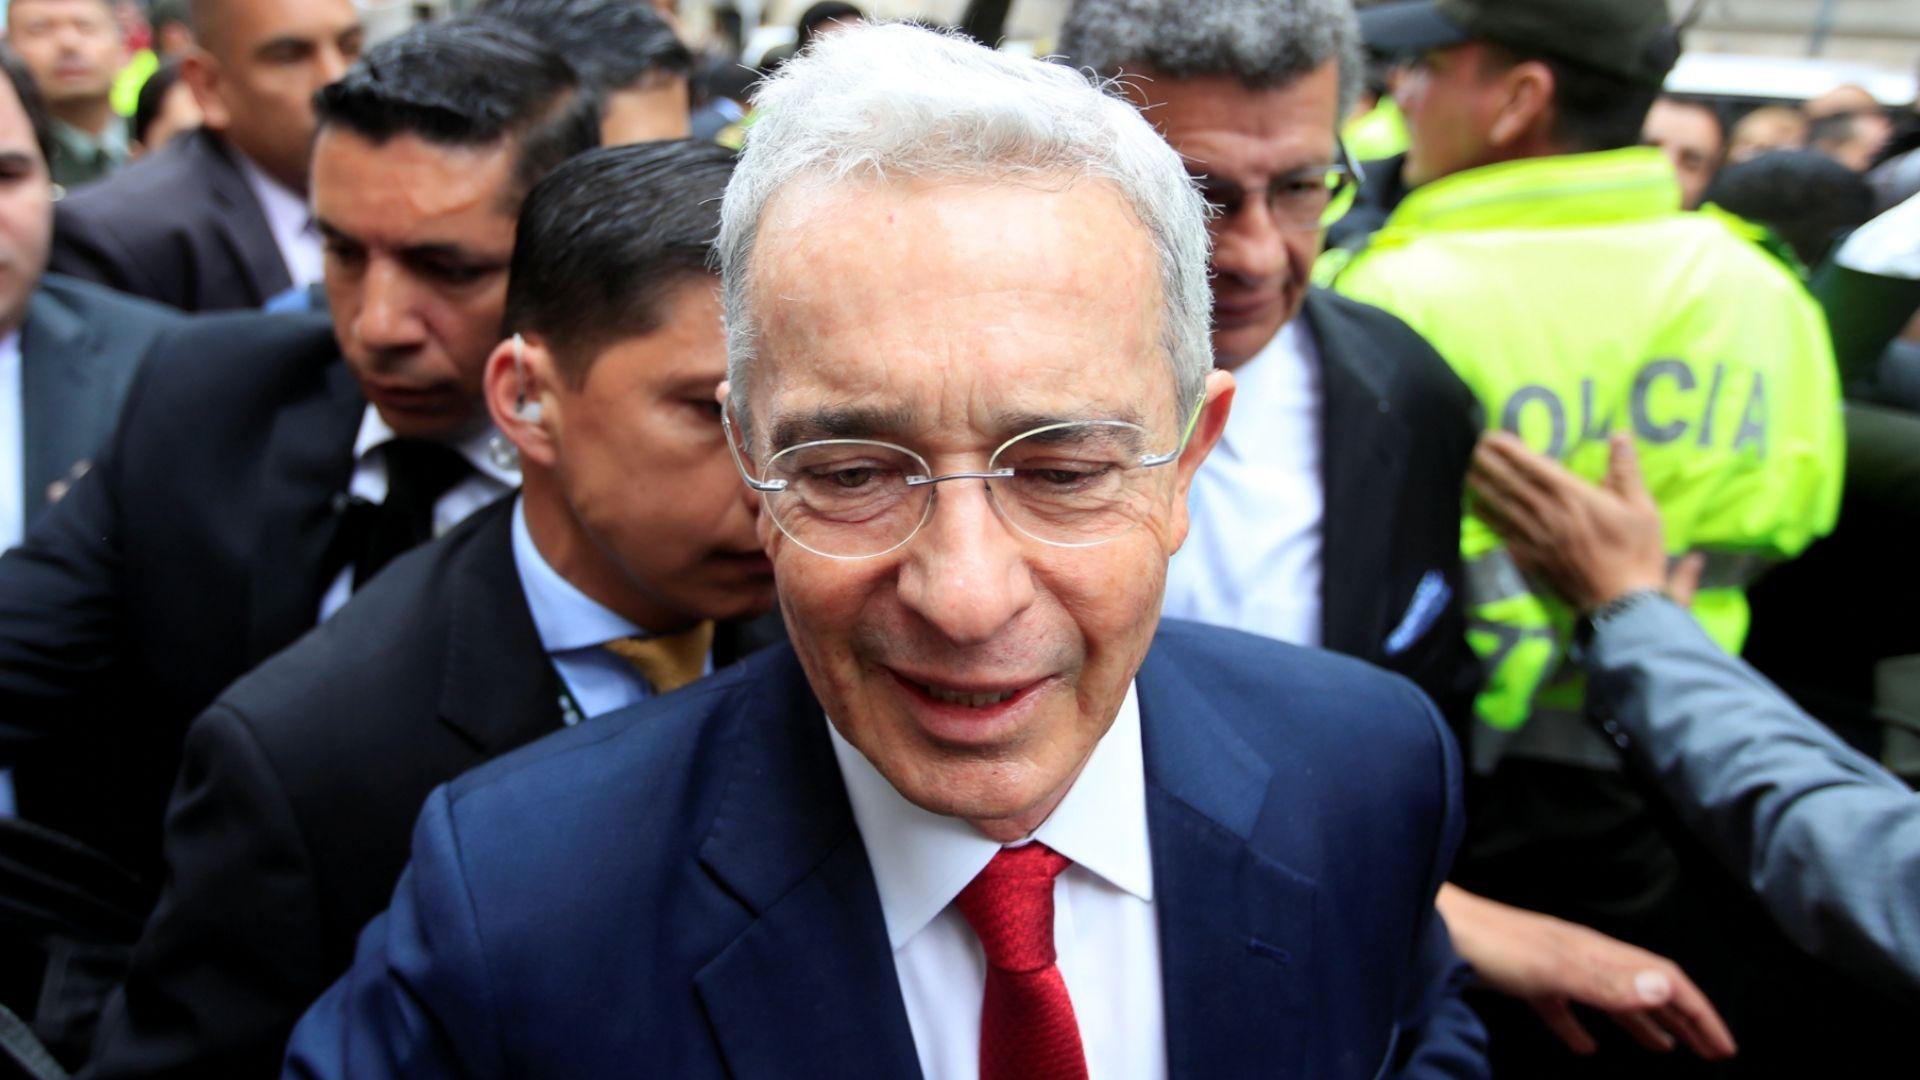 Corte Suprema de Colombia ordenó arresto domiciliario para Álvaro Uribe